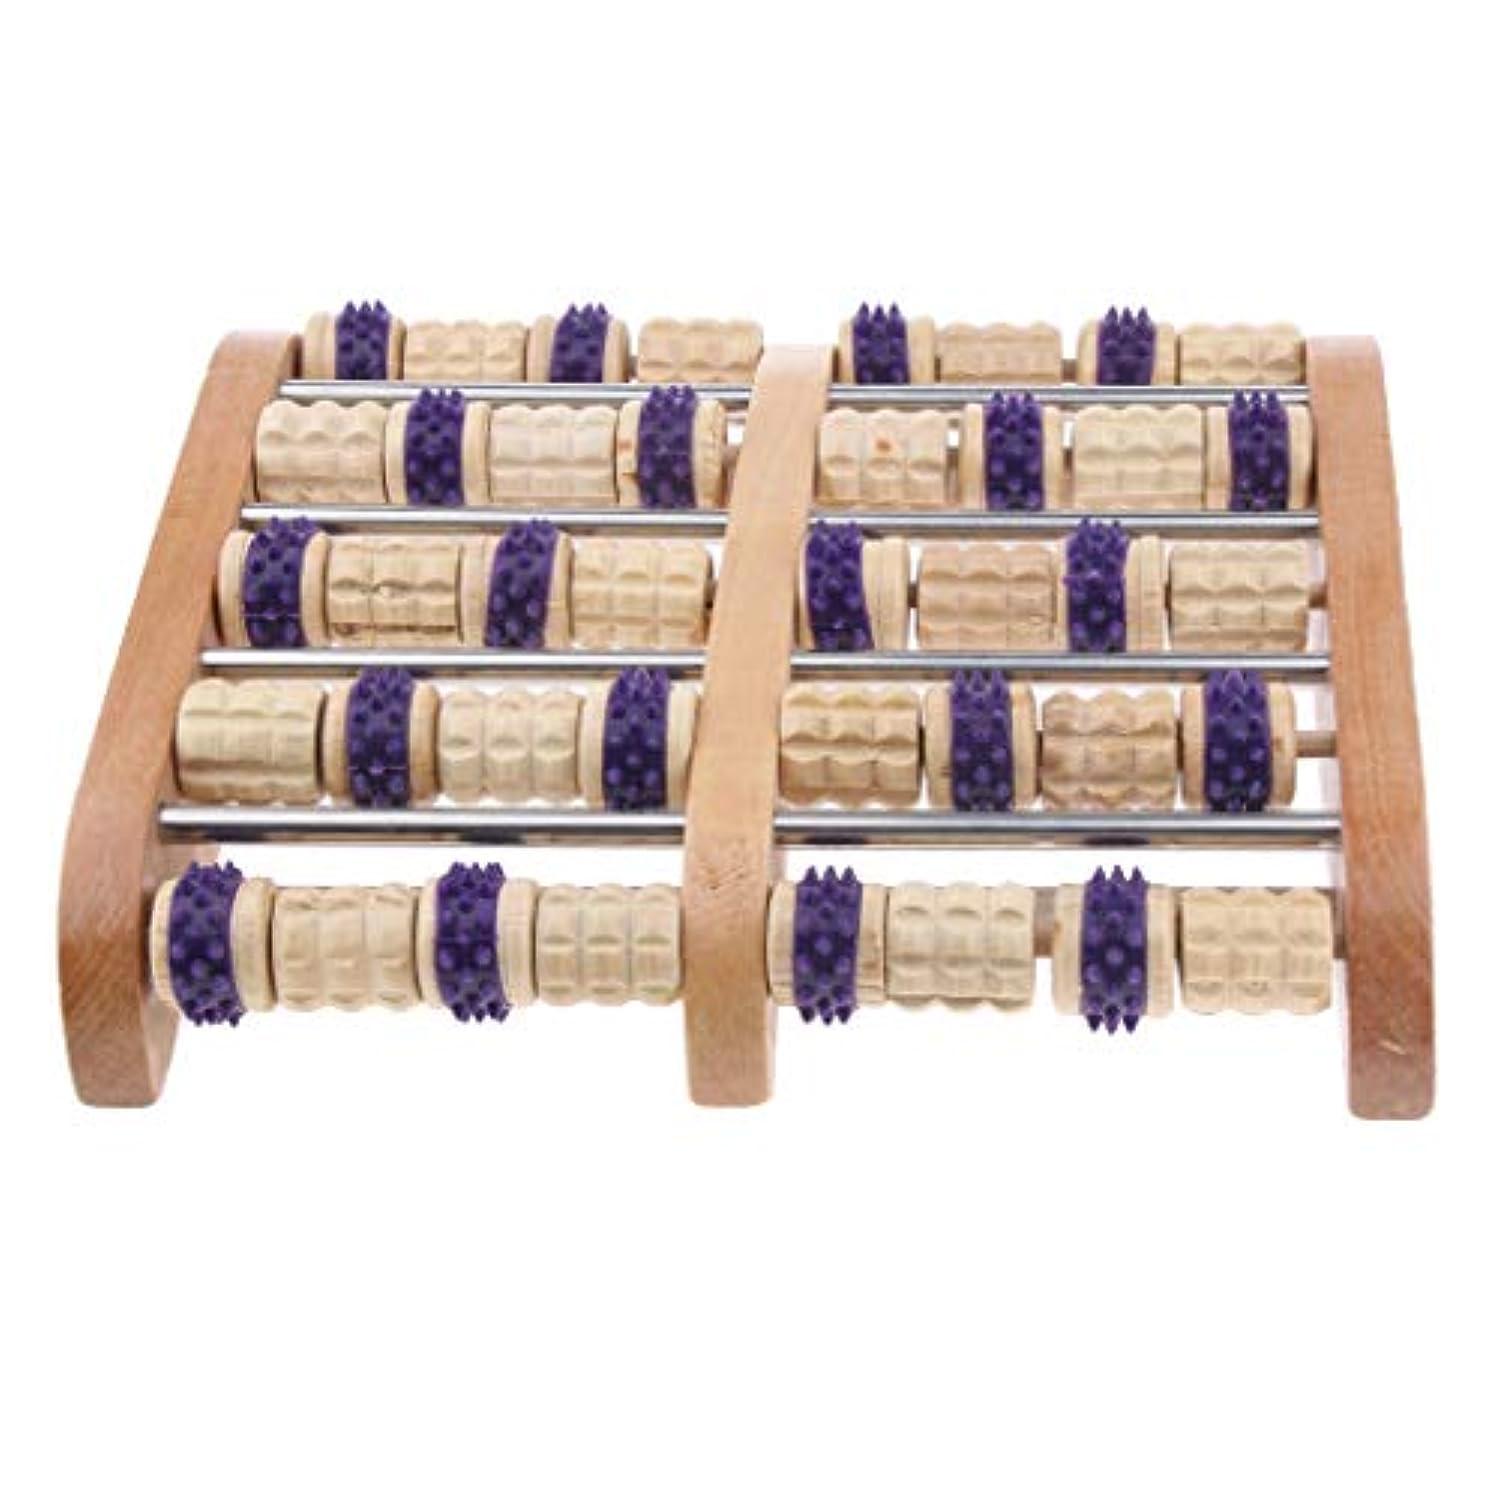 芽認証ハウジングPerfeclan フットケア マッサージローラー 木製 デュアルフットマッサージローラー